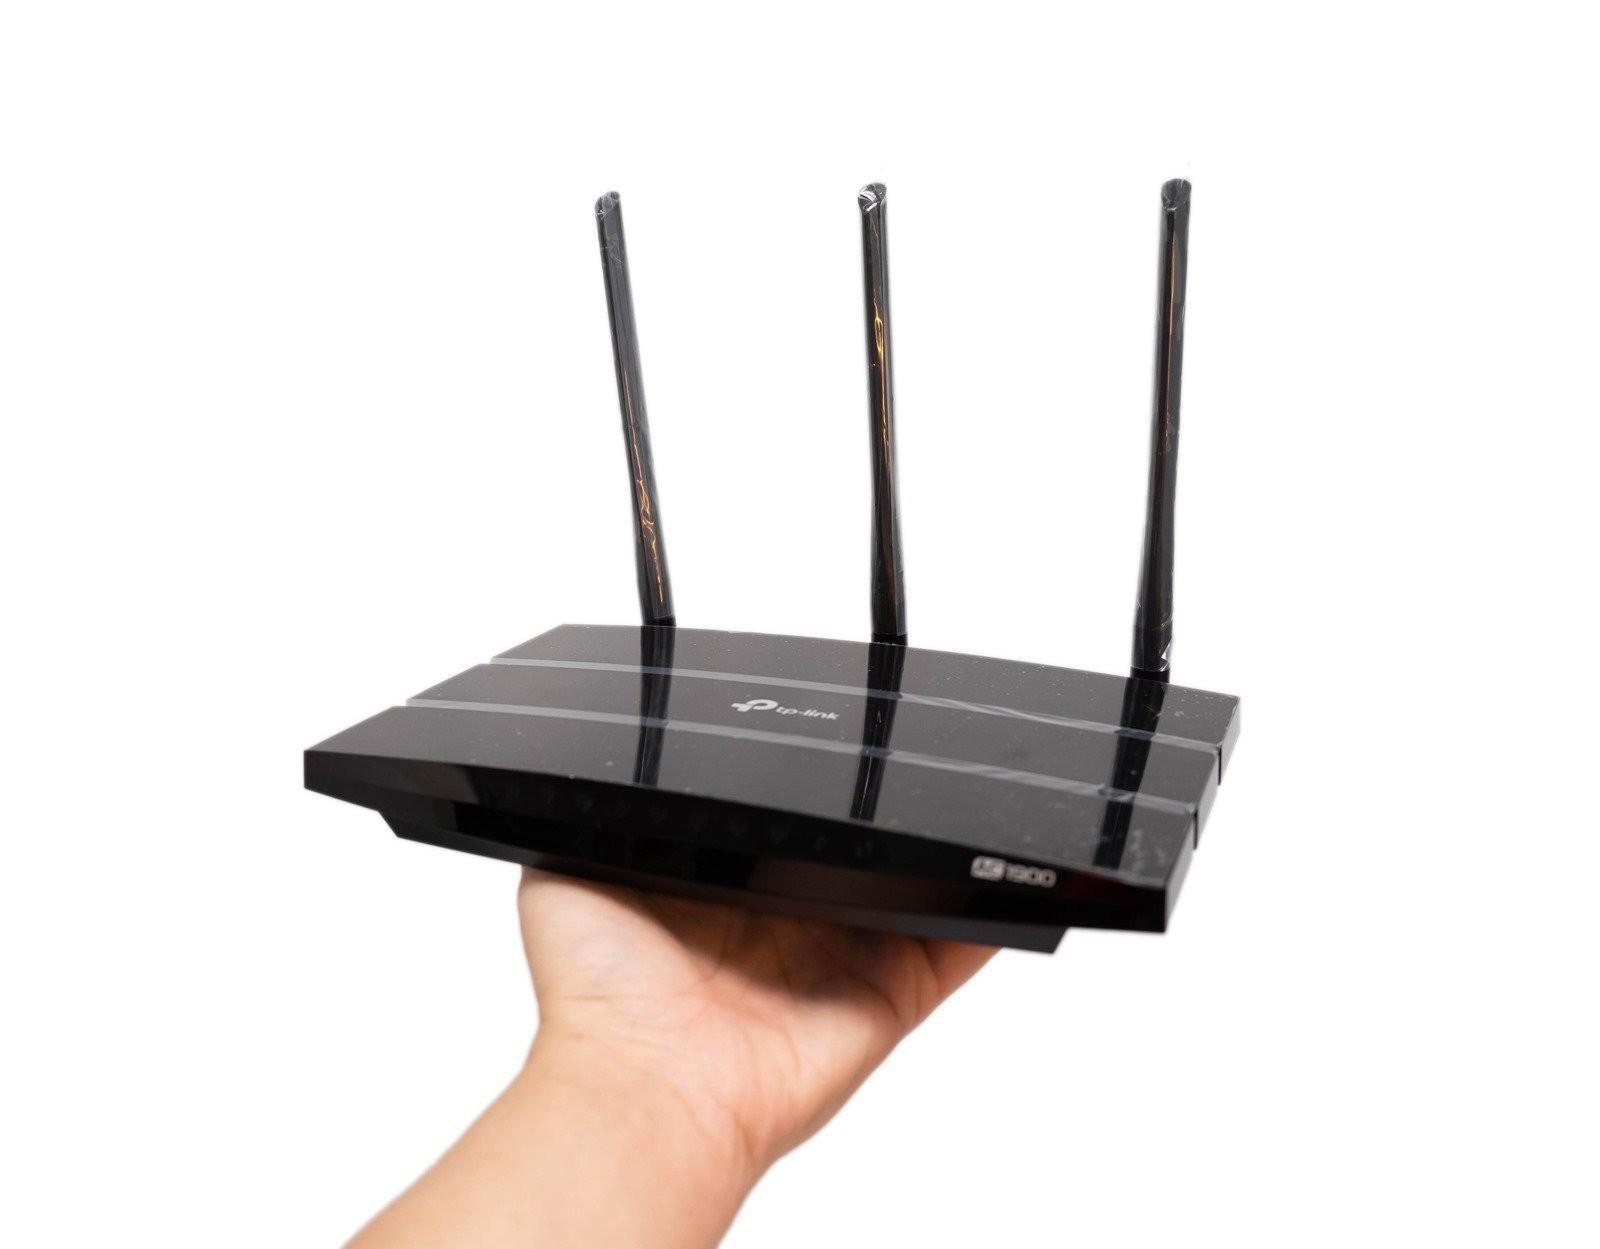 是平價高性能 TP-Link Archer A9 AC1900 無線路由器,馬上升級家中高速無線網路這篇文章的首圖